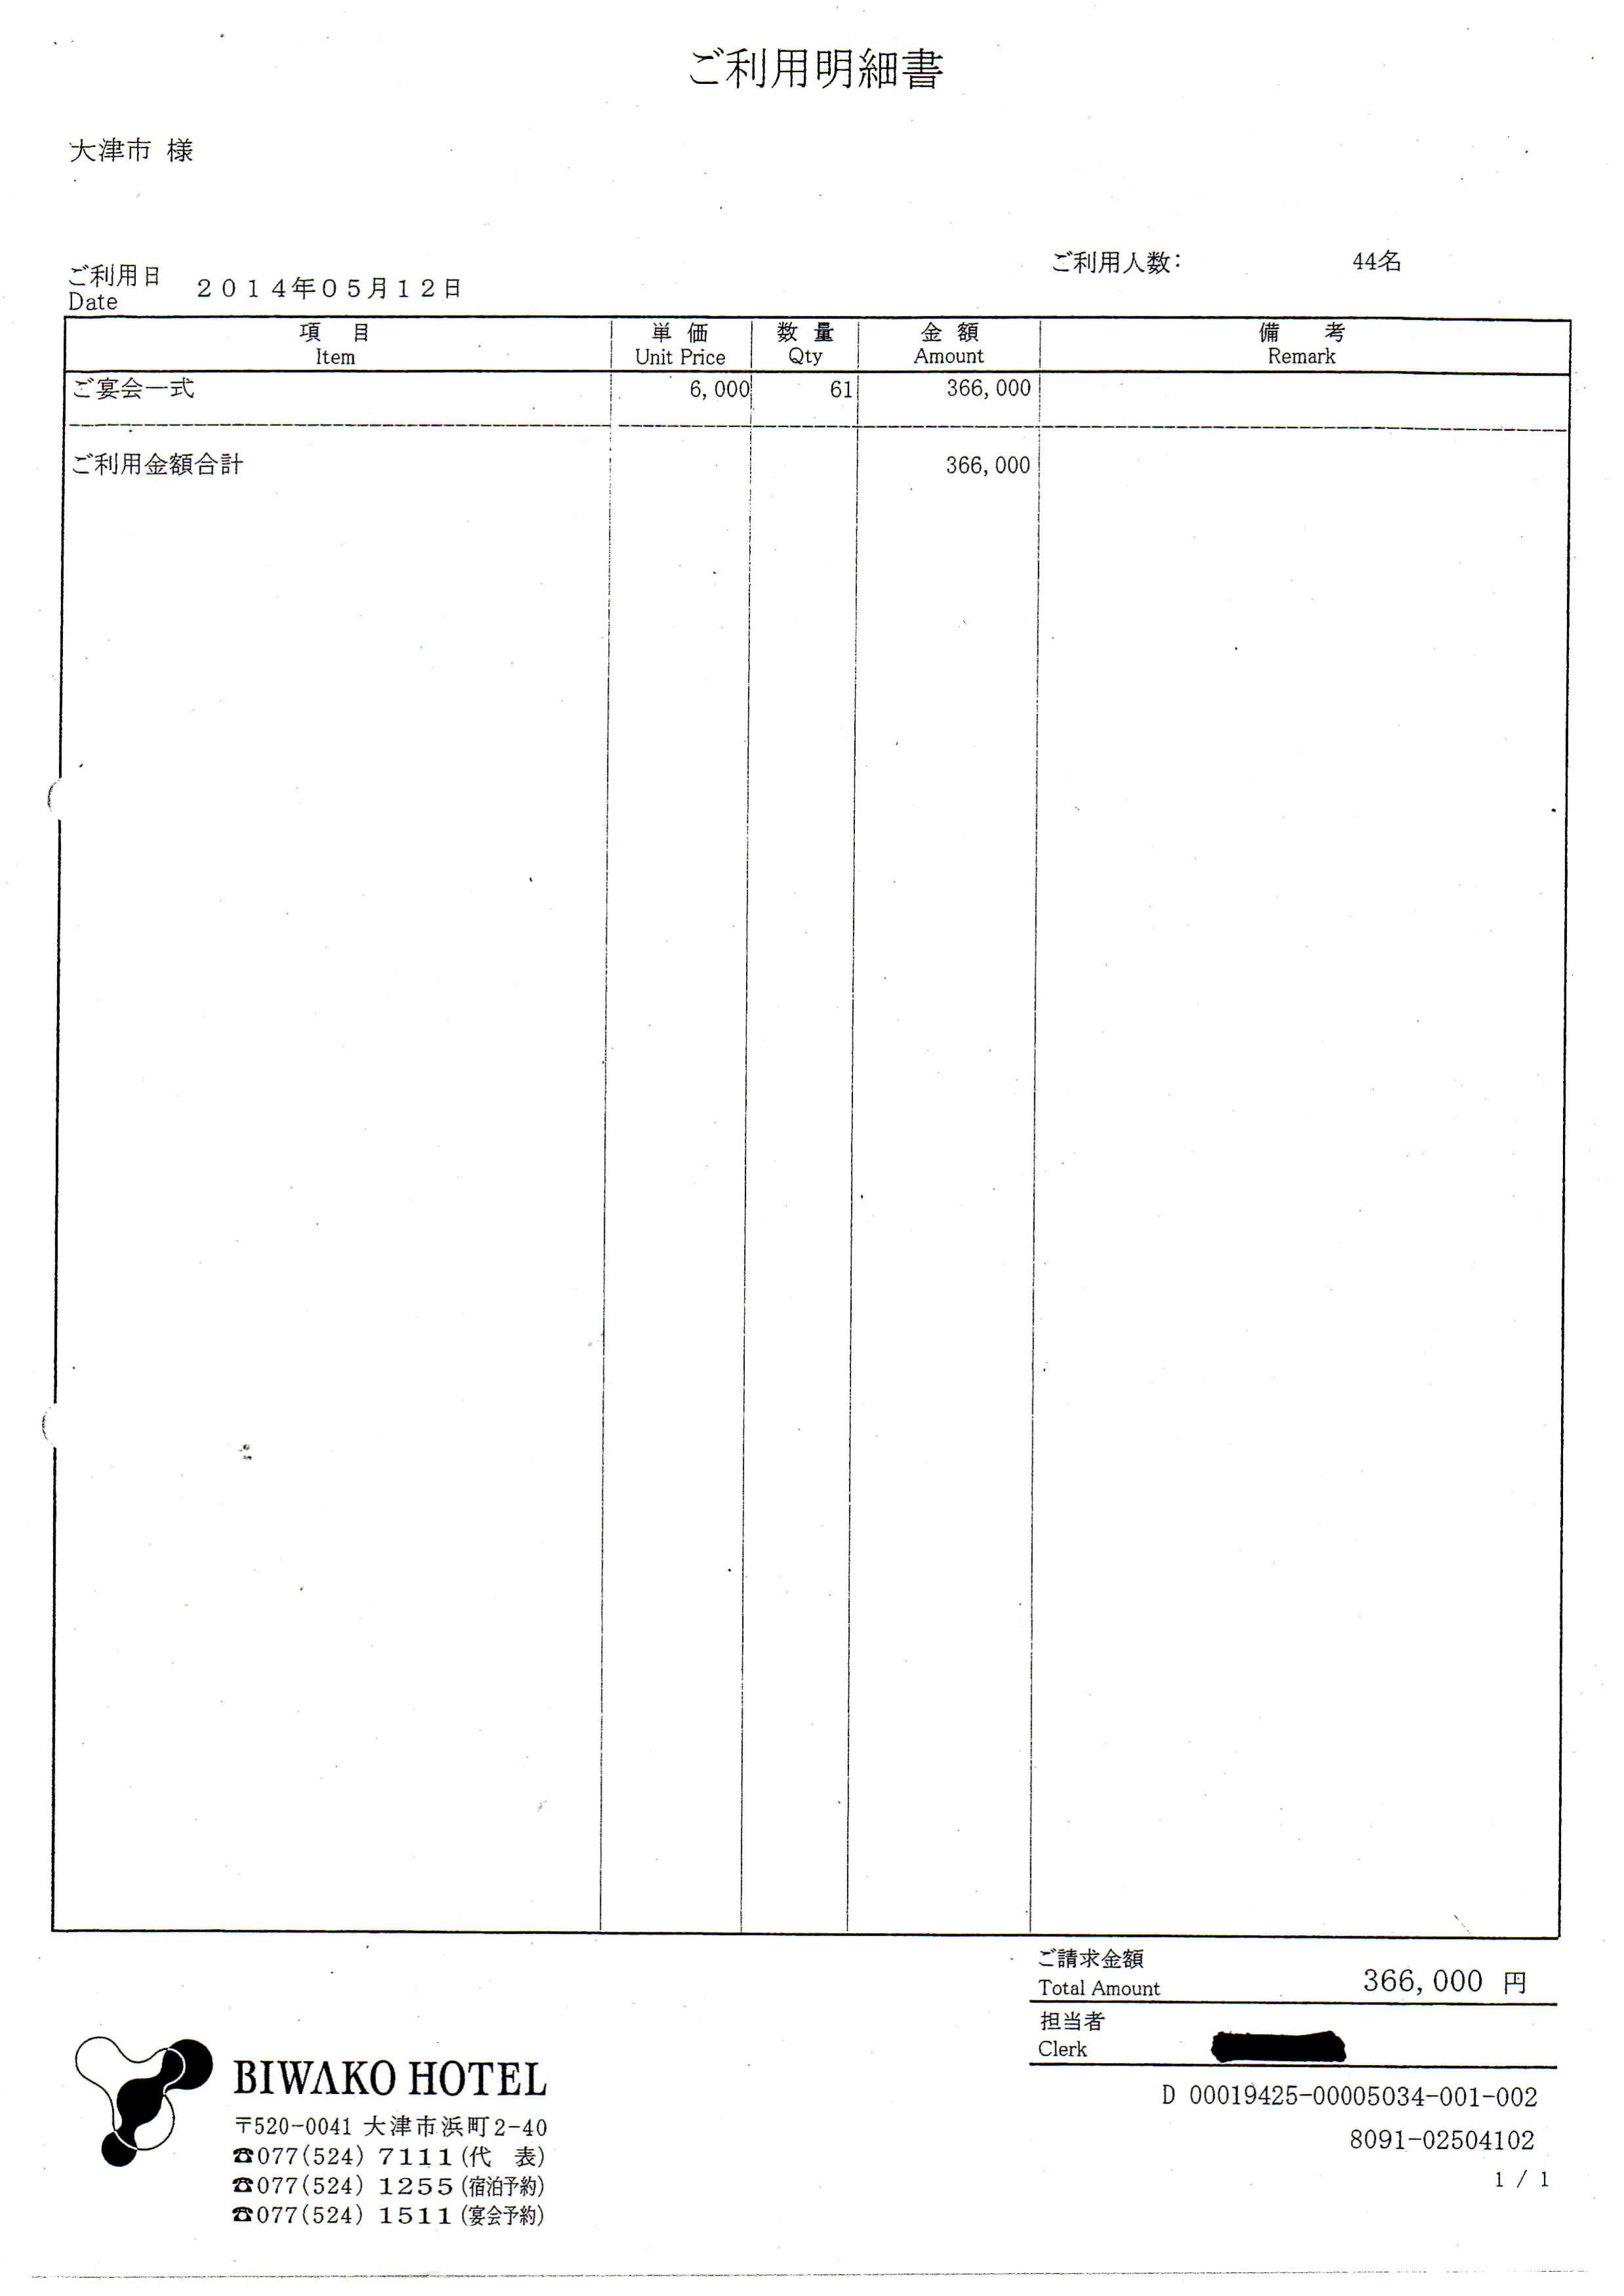 平成26年大津市と自治連懇親会費/琵琶湖ホテル利用明細書_01